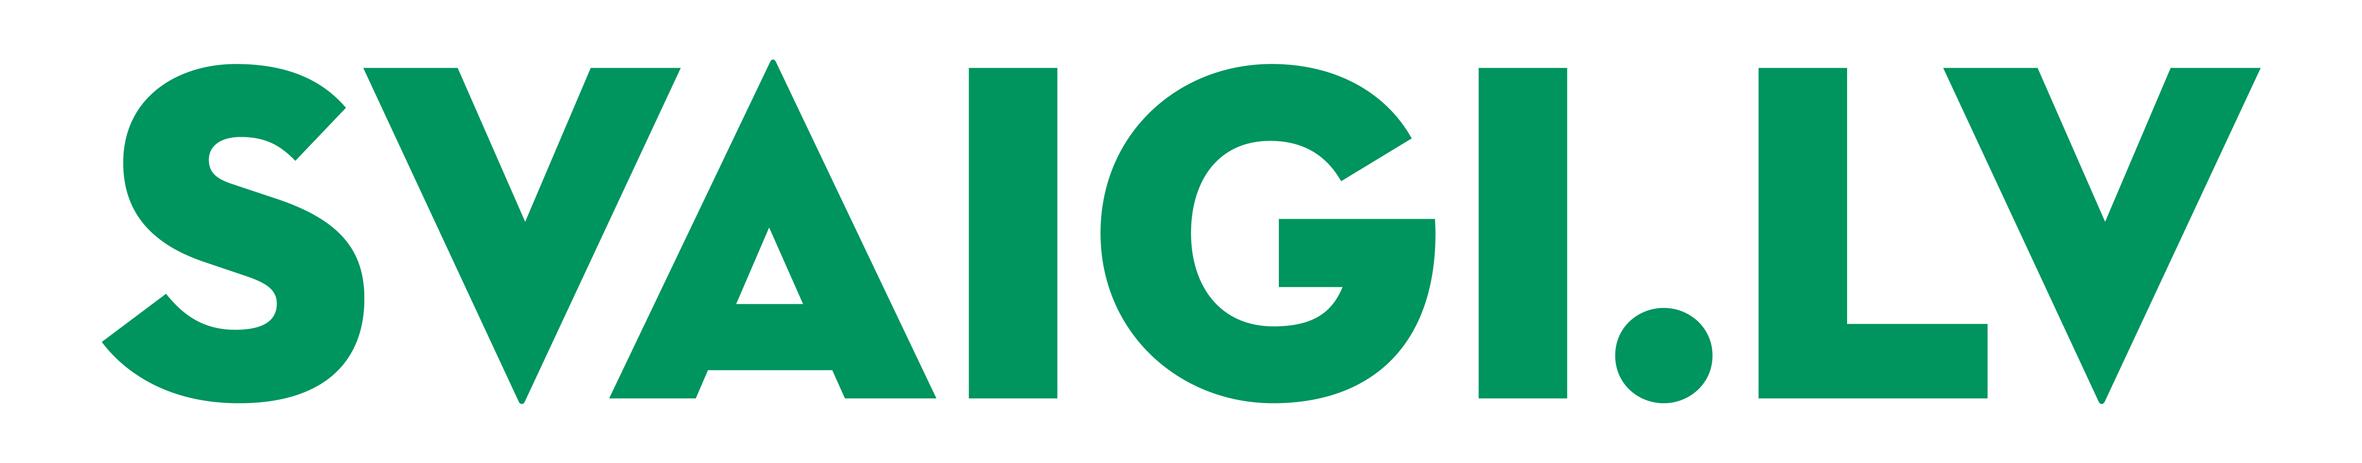 svaigi-logo